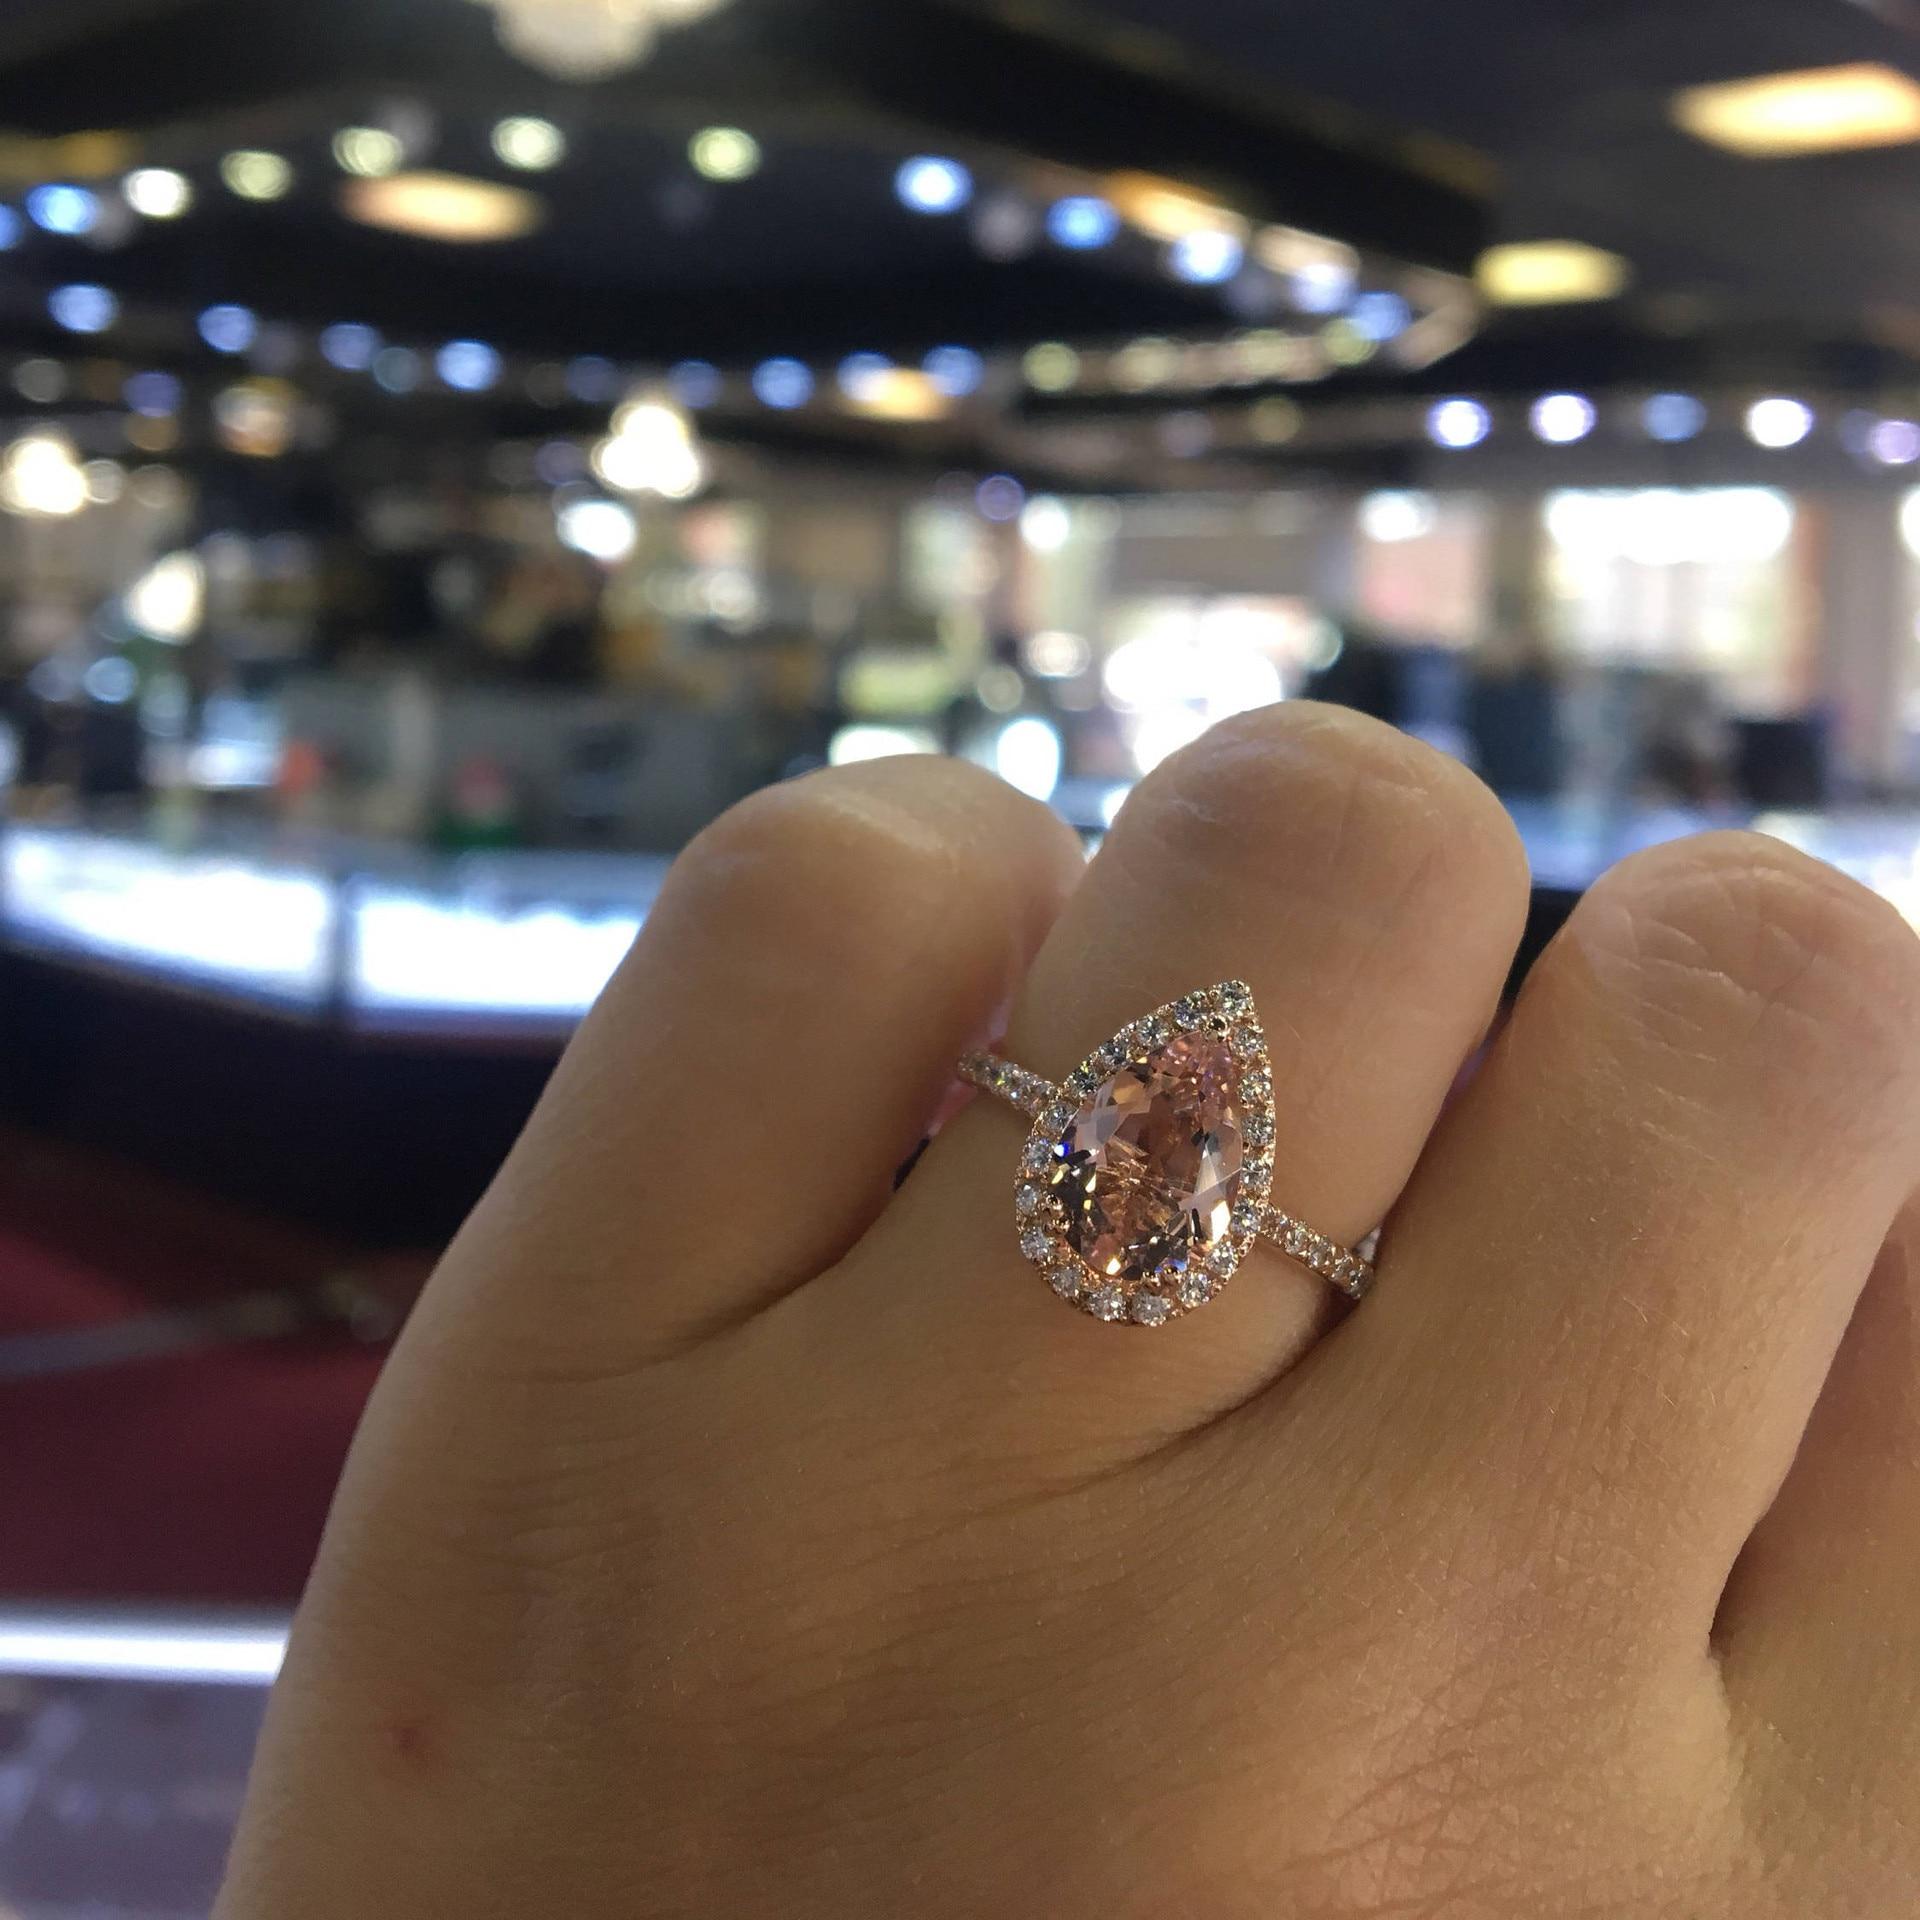 Anillo de diamante de oro rosa de 18k Bague Jaune Bizuteria Anillos de piedras preciosas para mujeres bisutería femme gema diamante anillo de oro anel